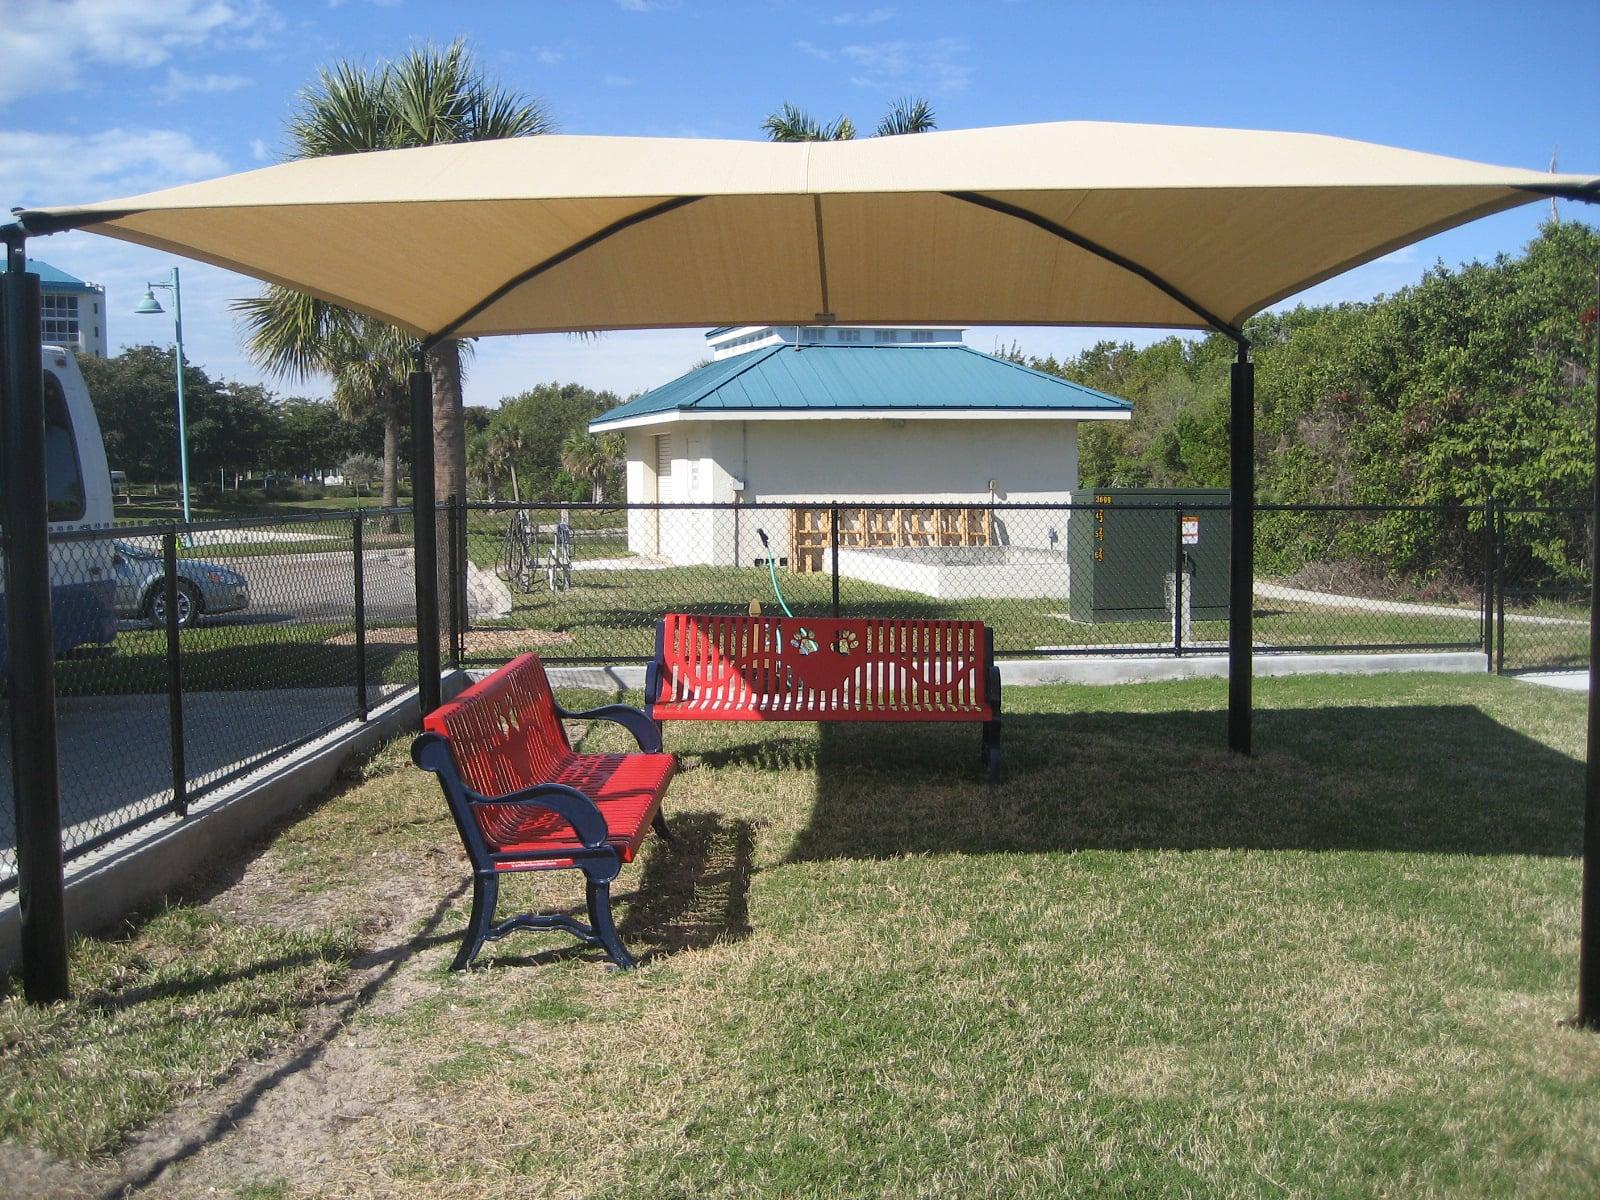 shade shelter 20 39 x 20 39. Black Bedroom Furniture Sets. Home Design Ideas